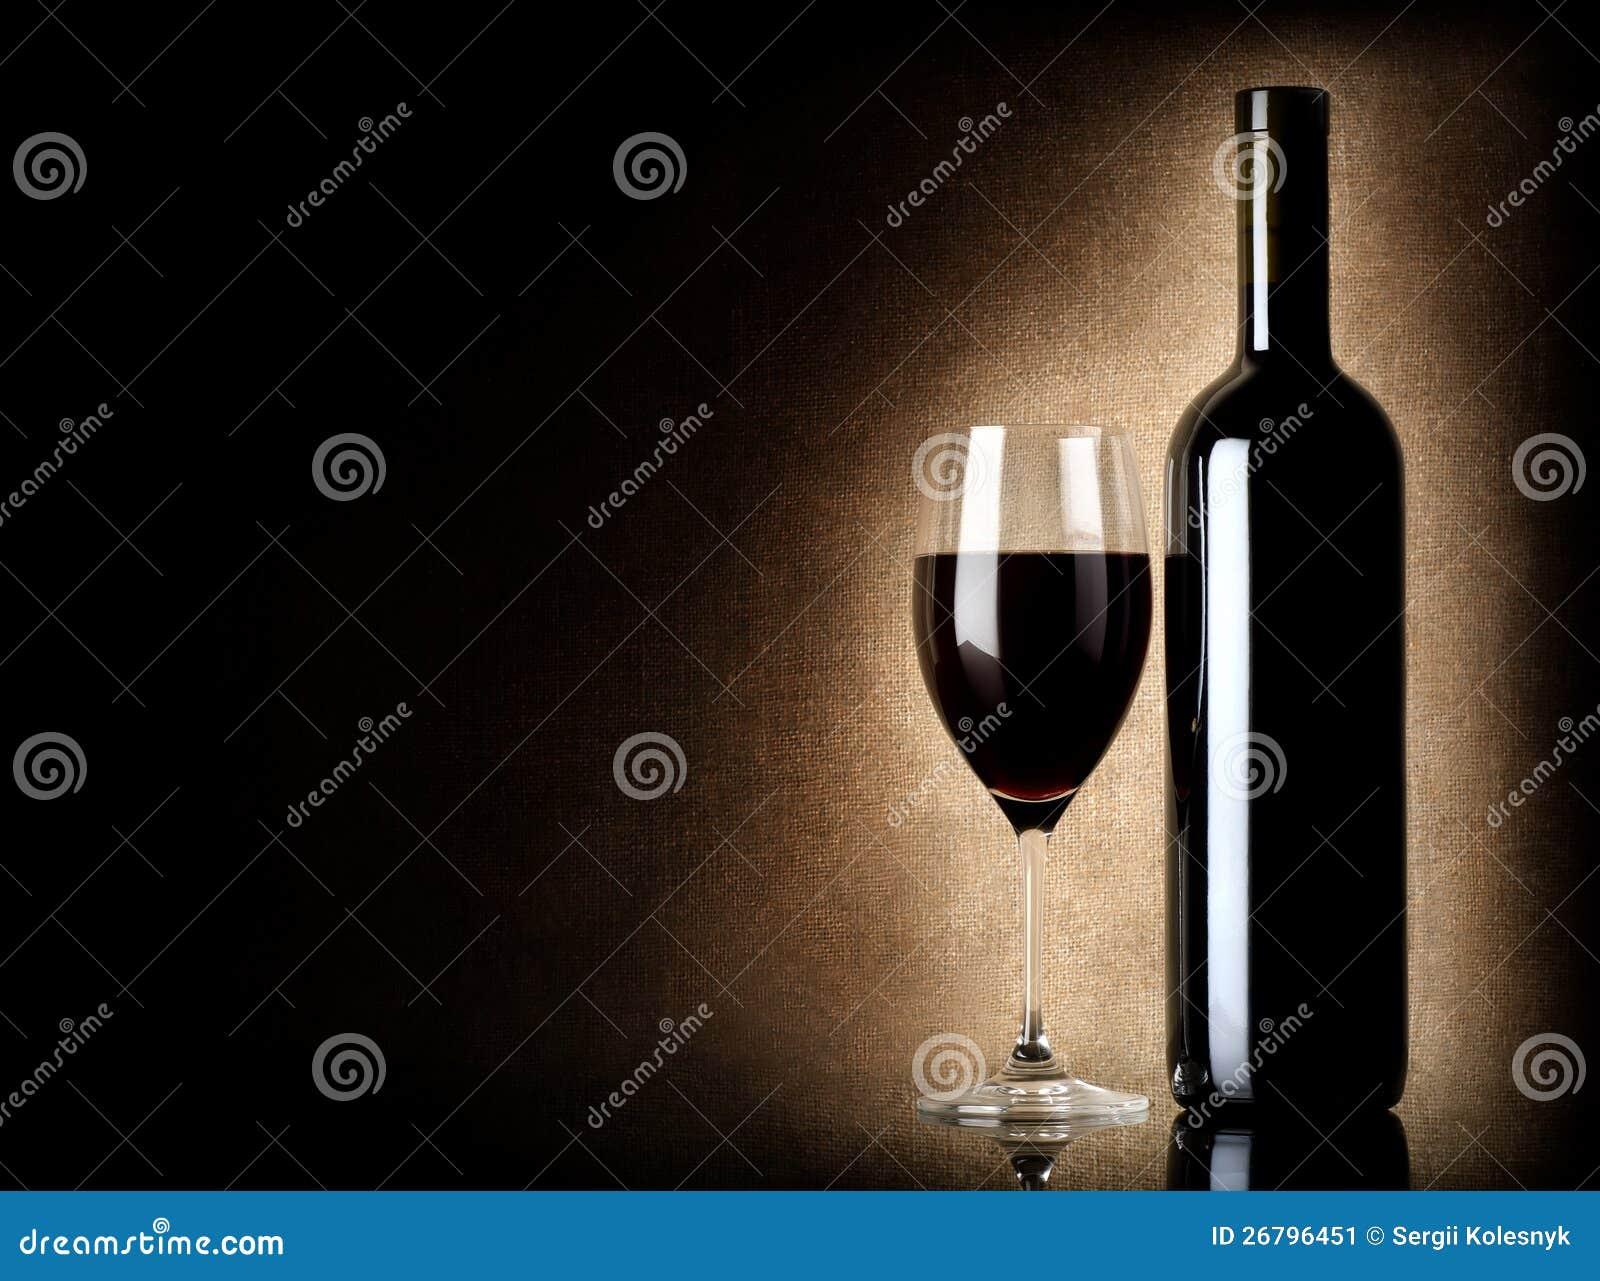 Wineflaska och wineglass på en gammal bakgrund